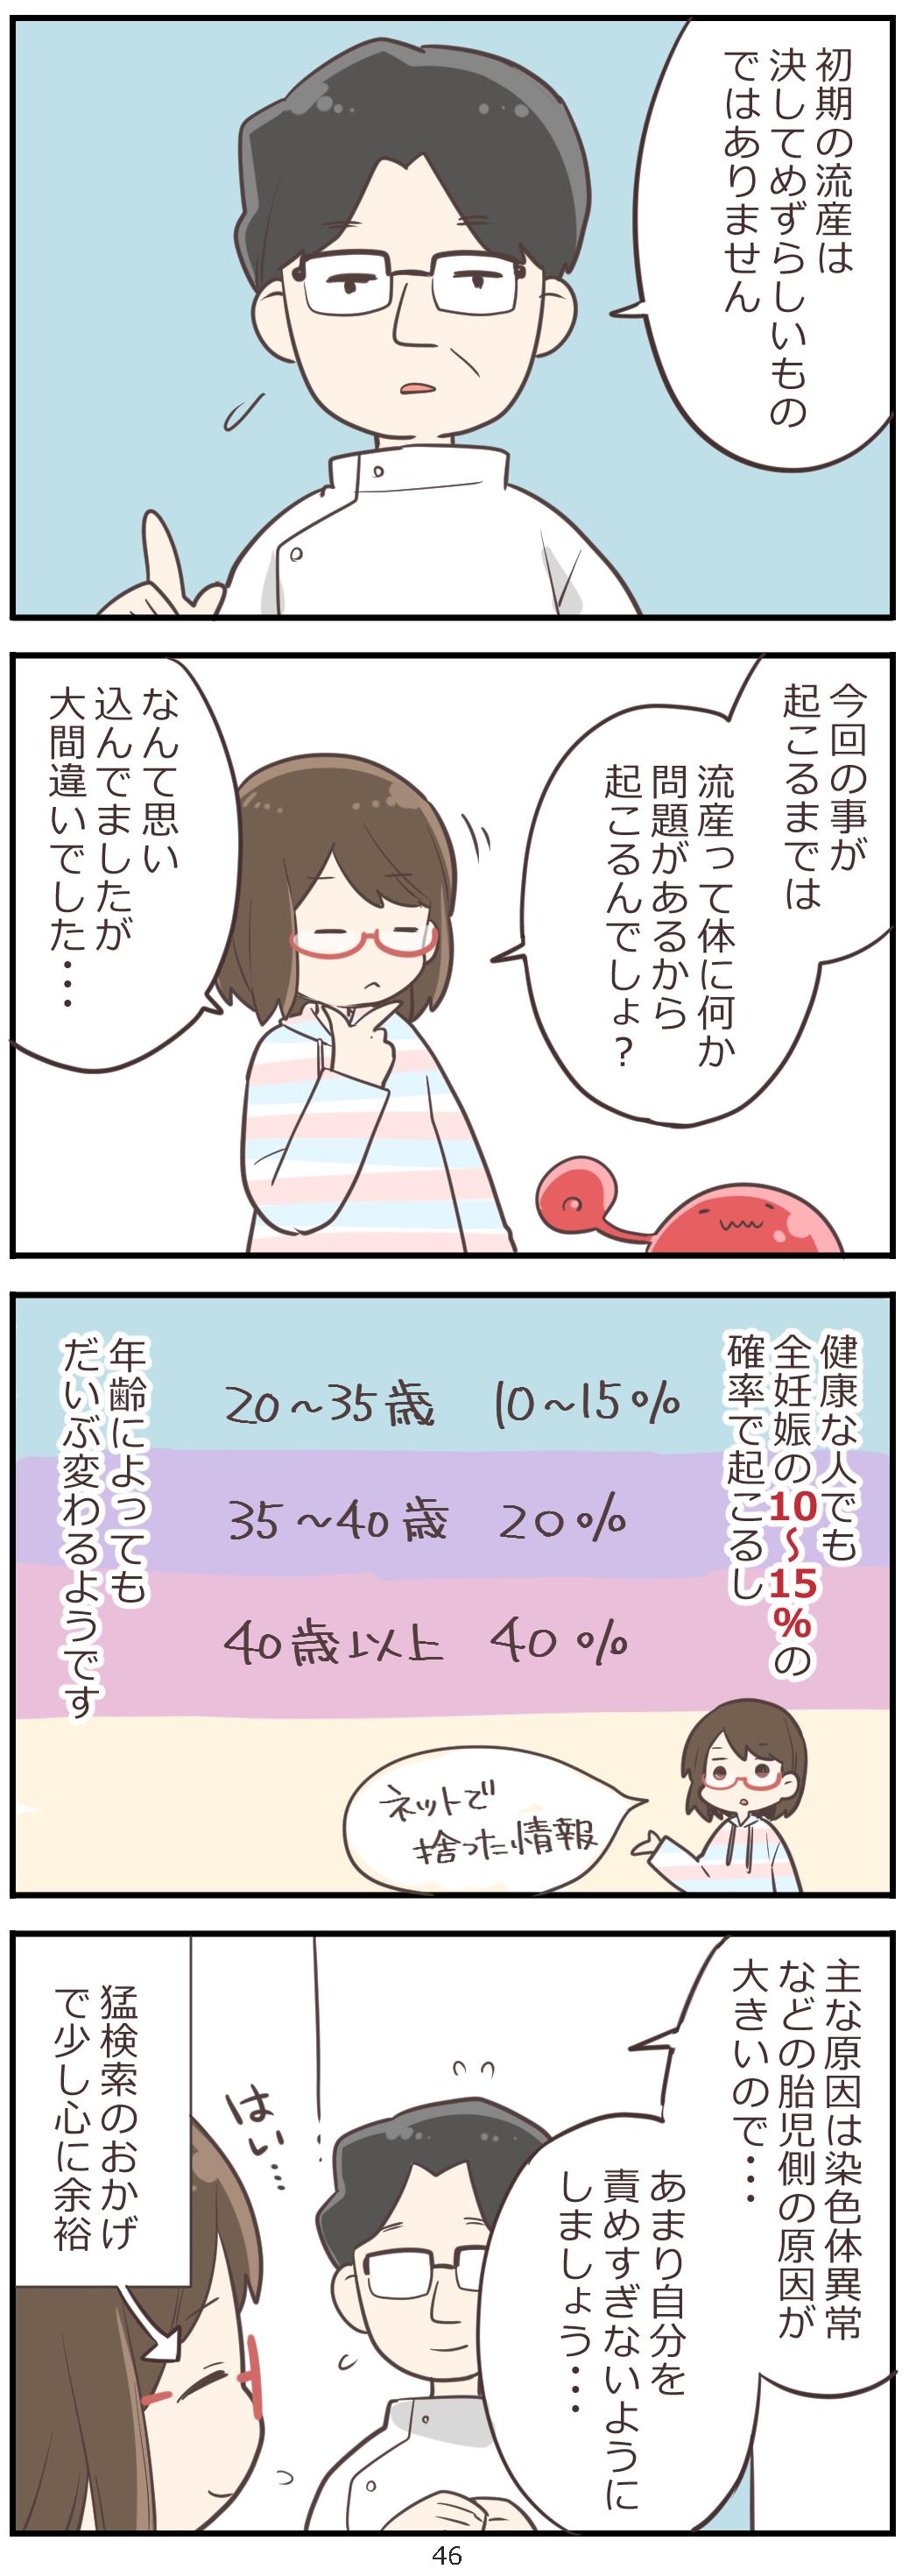 「妊活レベル1 まっふの冒険記」第46話